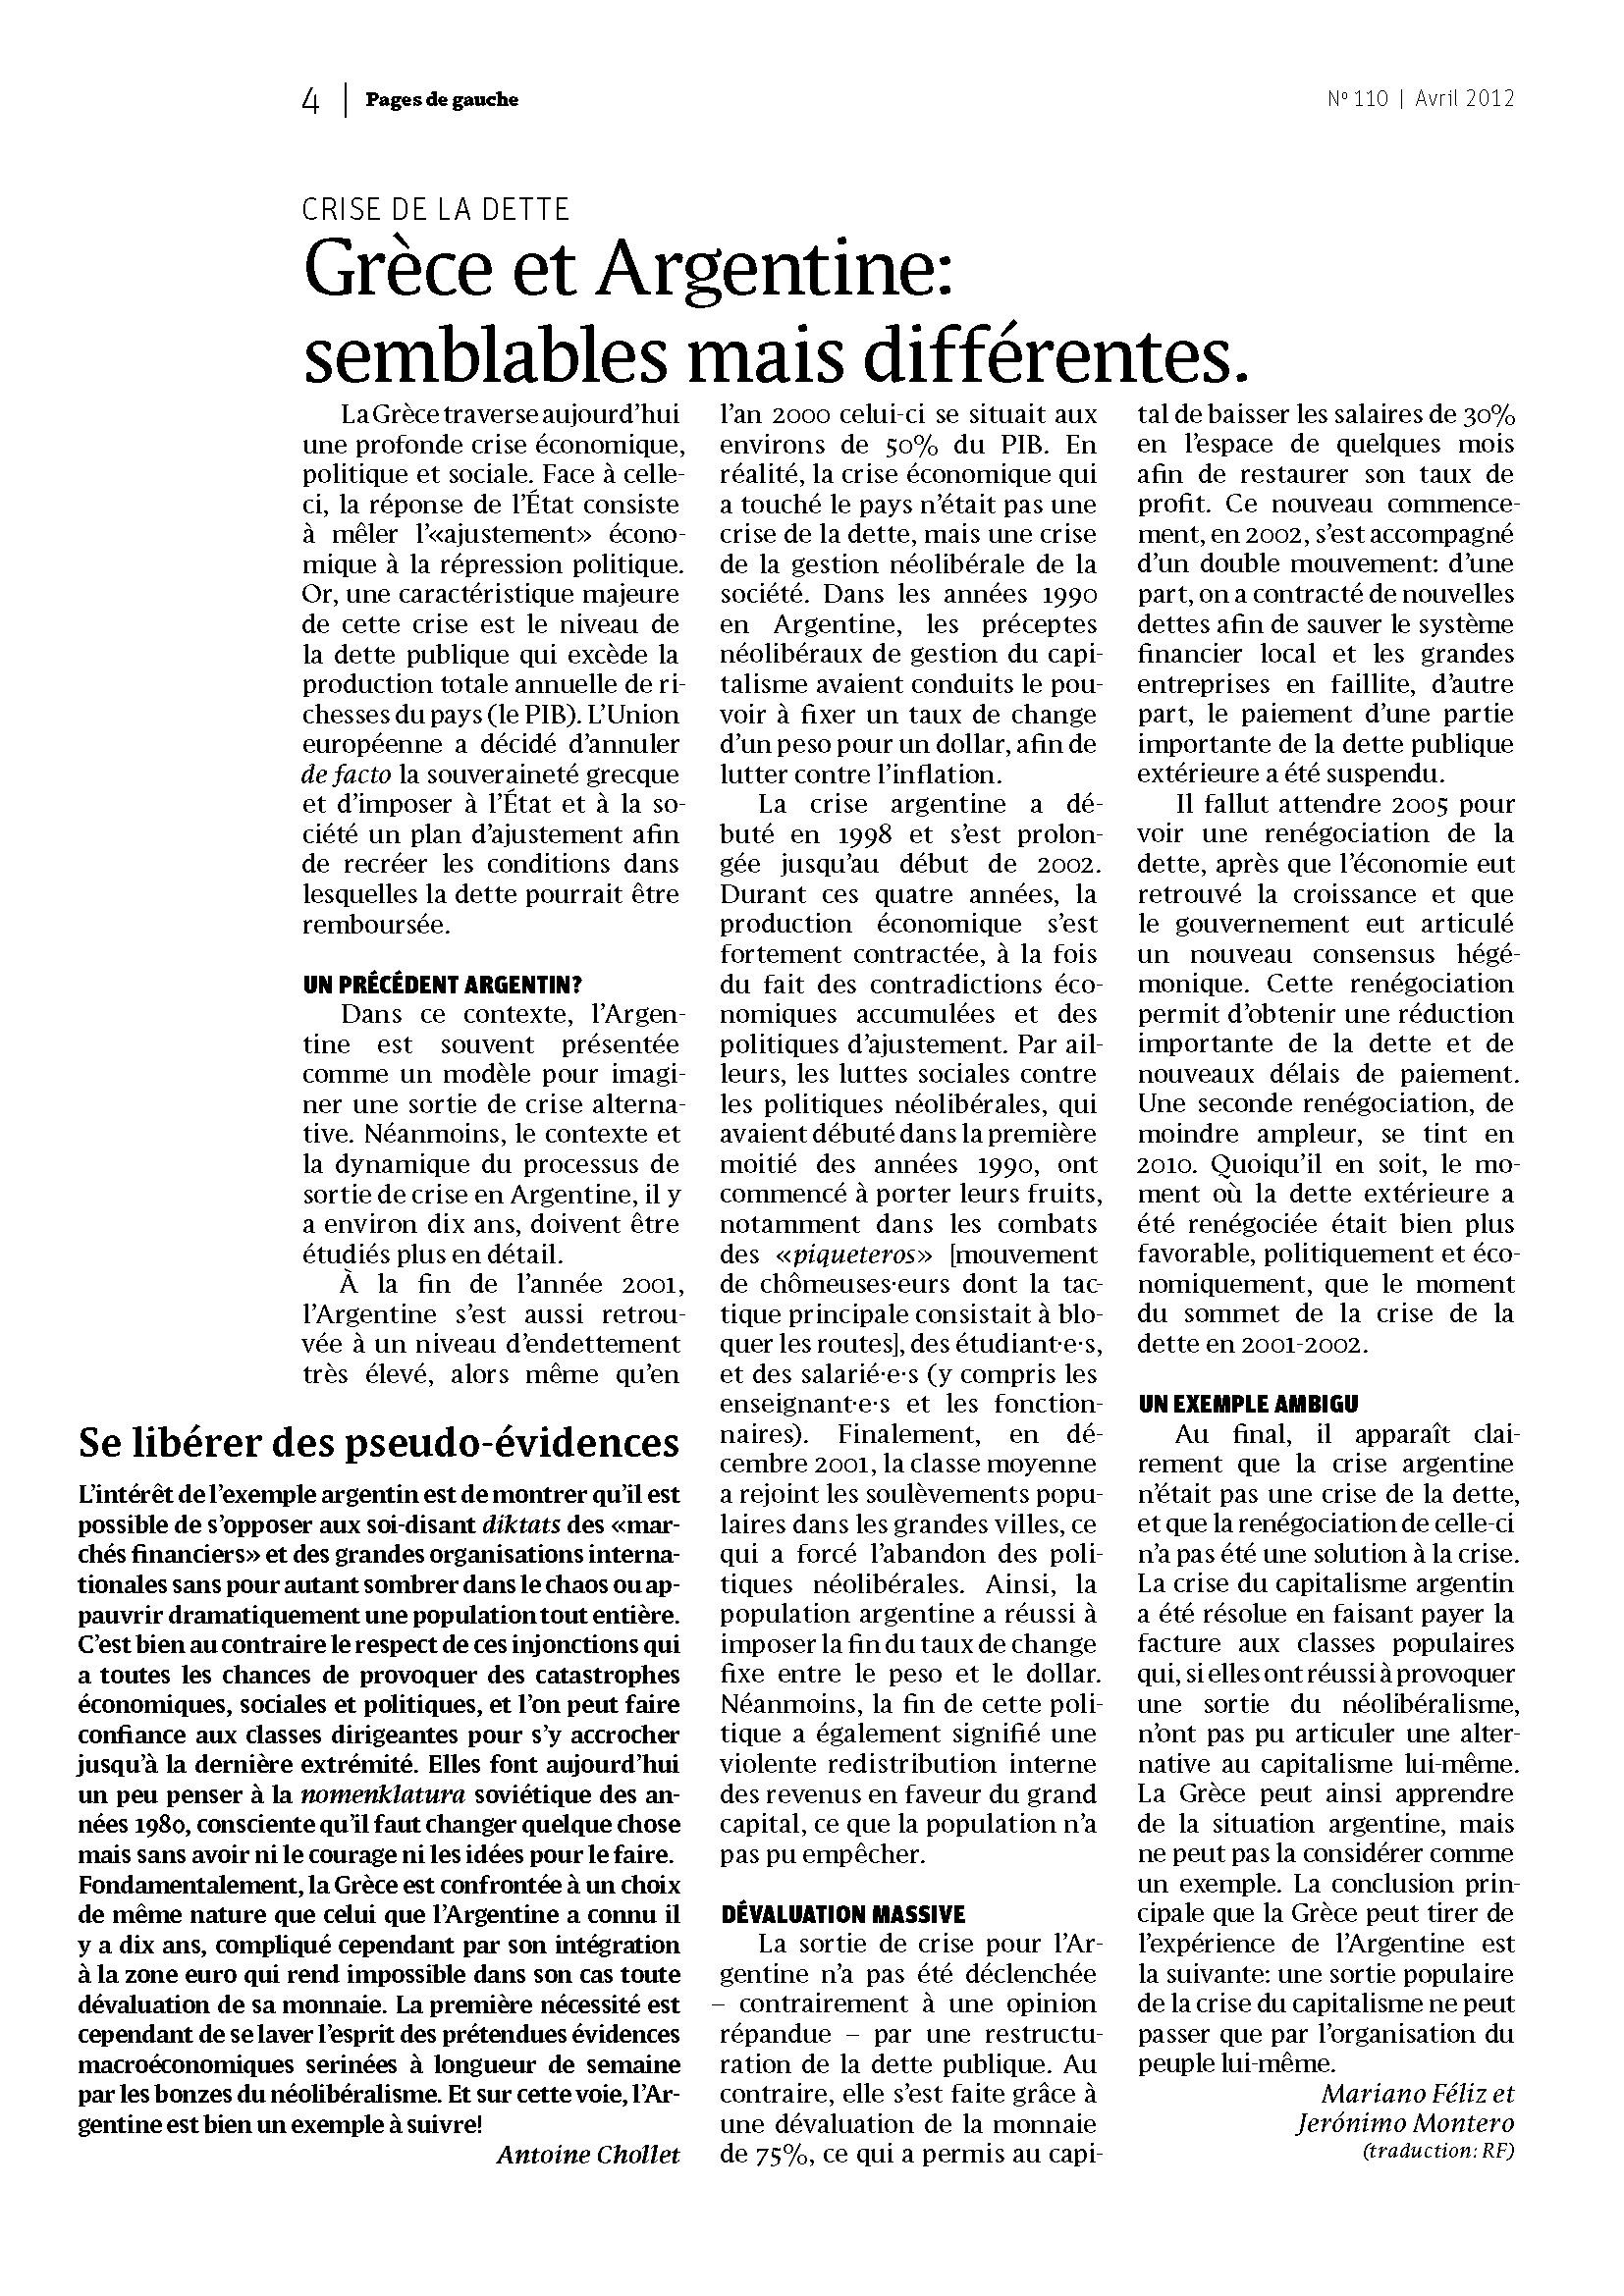 Articulos Periodisticos A Favor De La Globalizacion